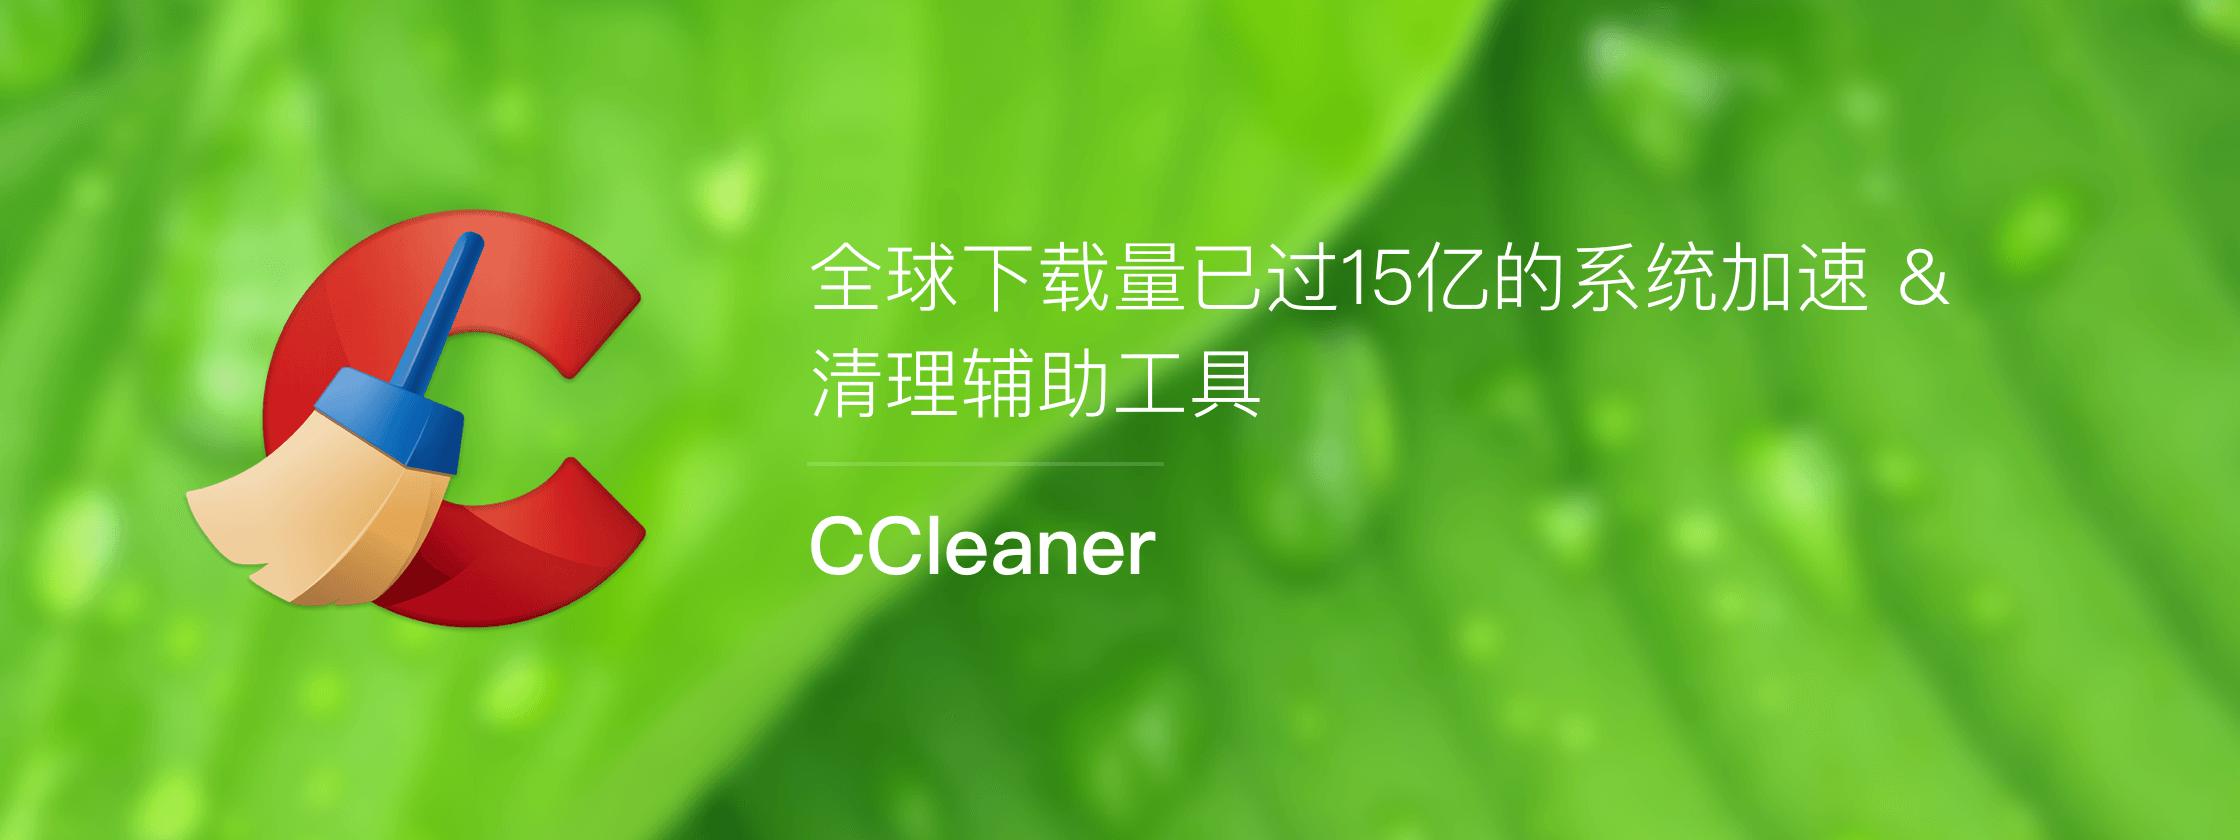 CCleaner – 全球下载量已过15亿的系统加速 & 清理辅助工具